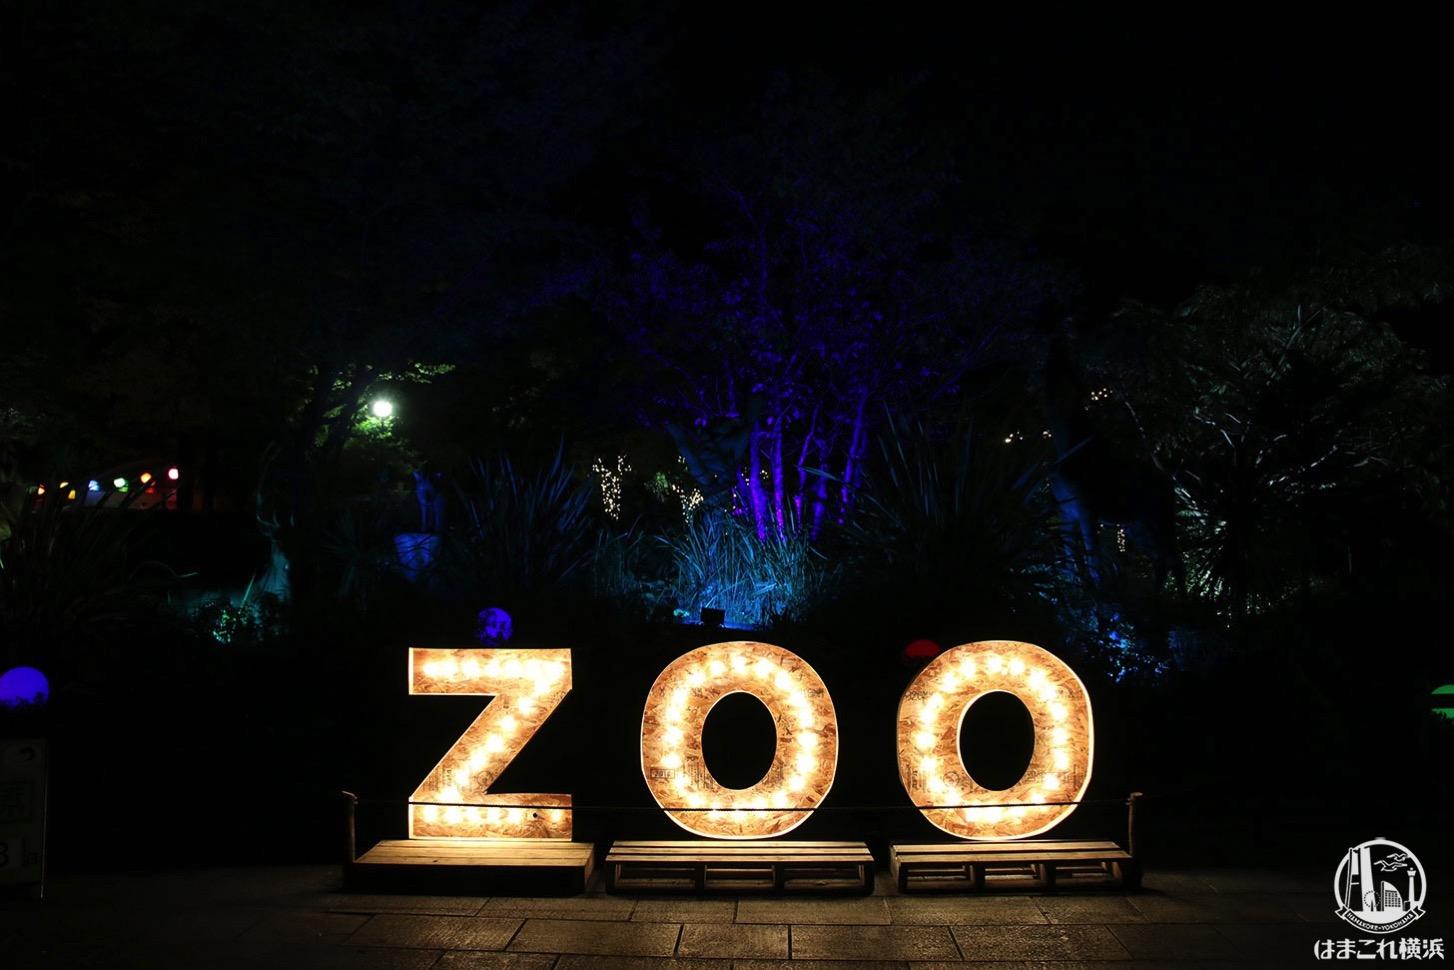 ズーラシア・野毛山動物園・金沢動物園、臨時休園発表 2月29日~3月15日まで